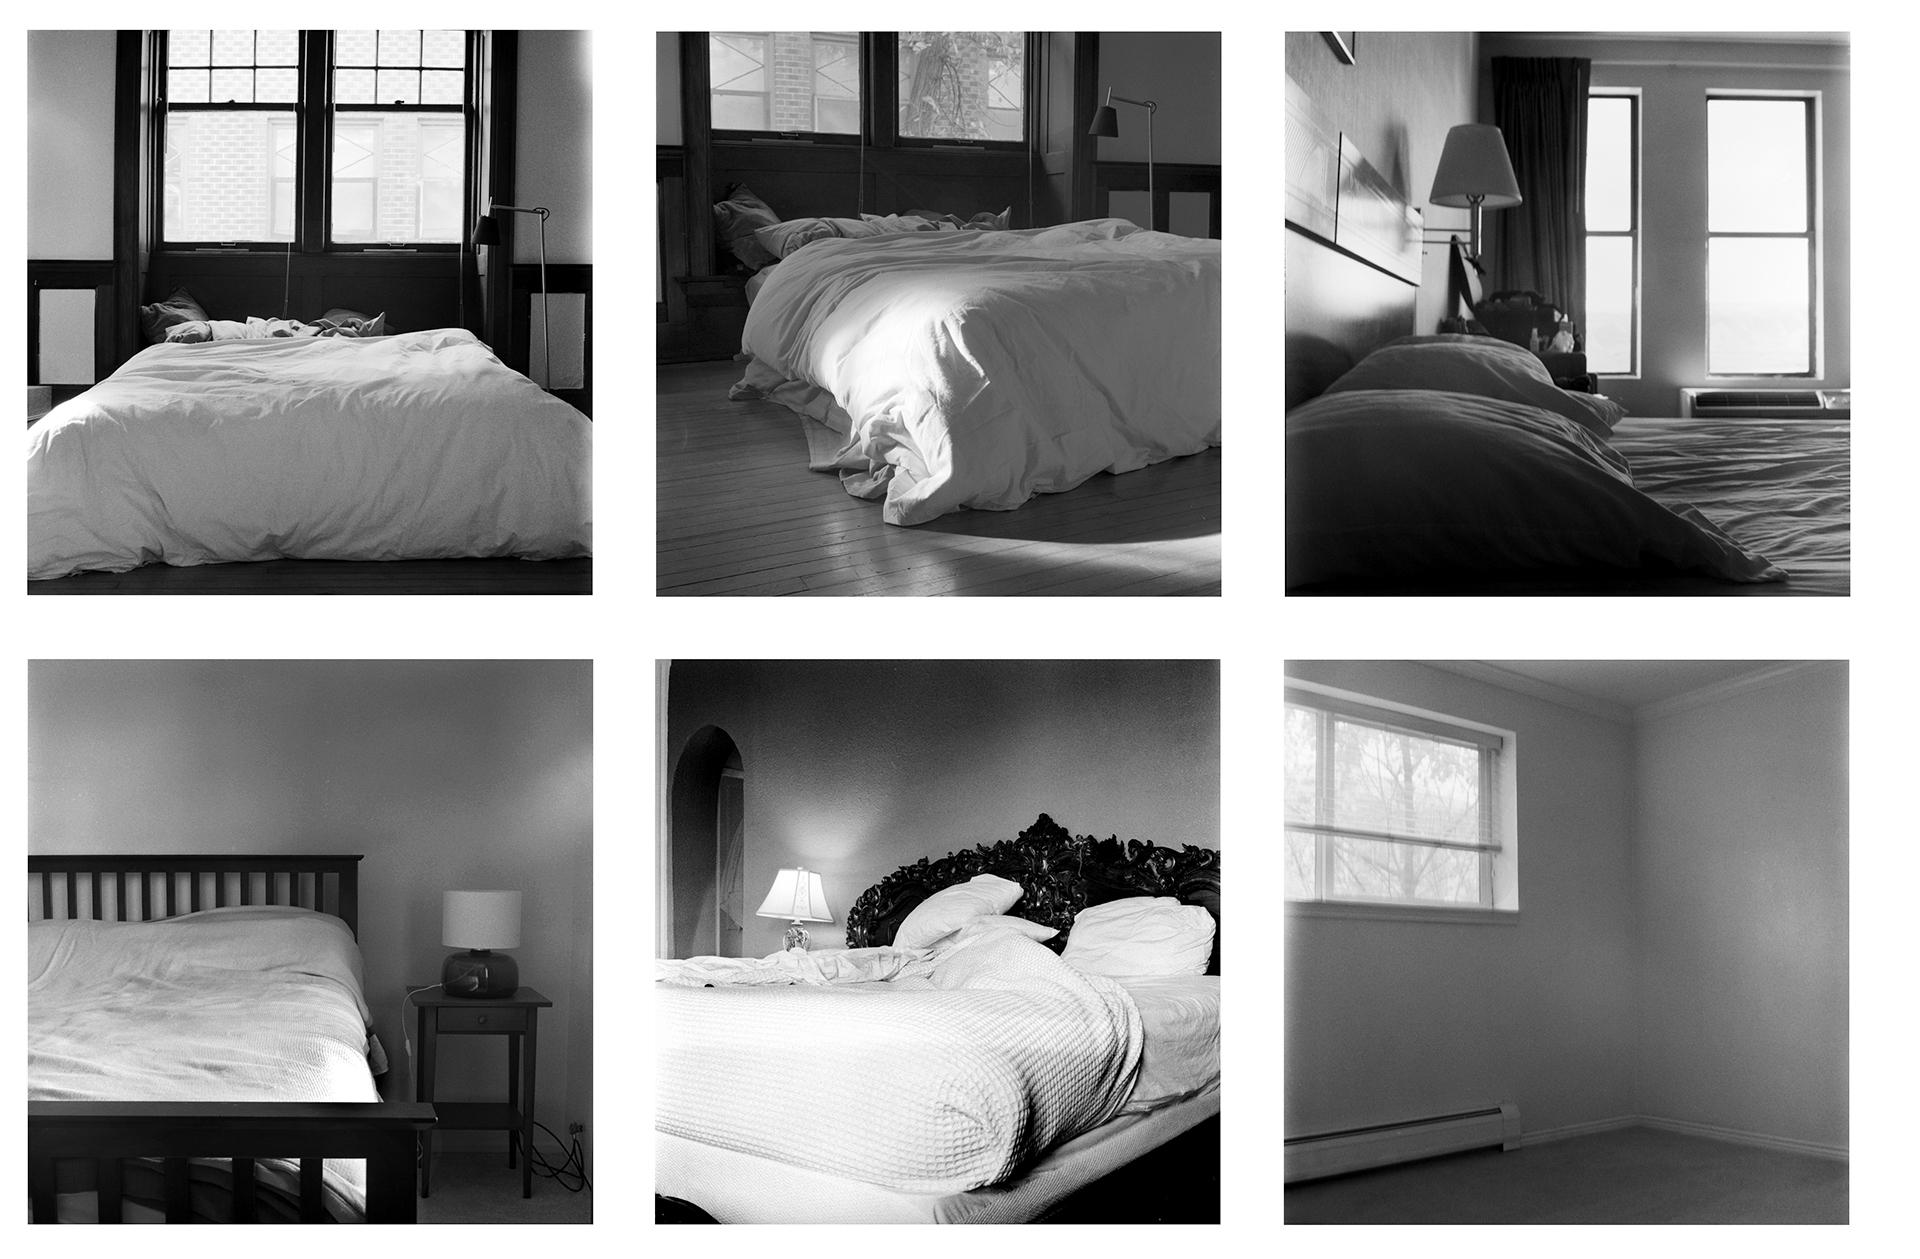 16_Beds 2 copy.jpg